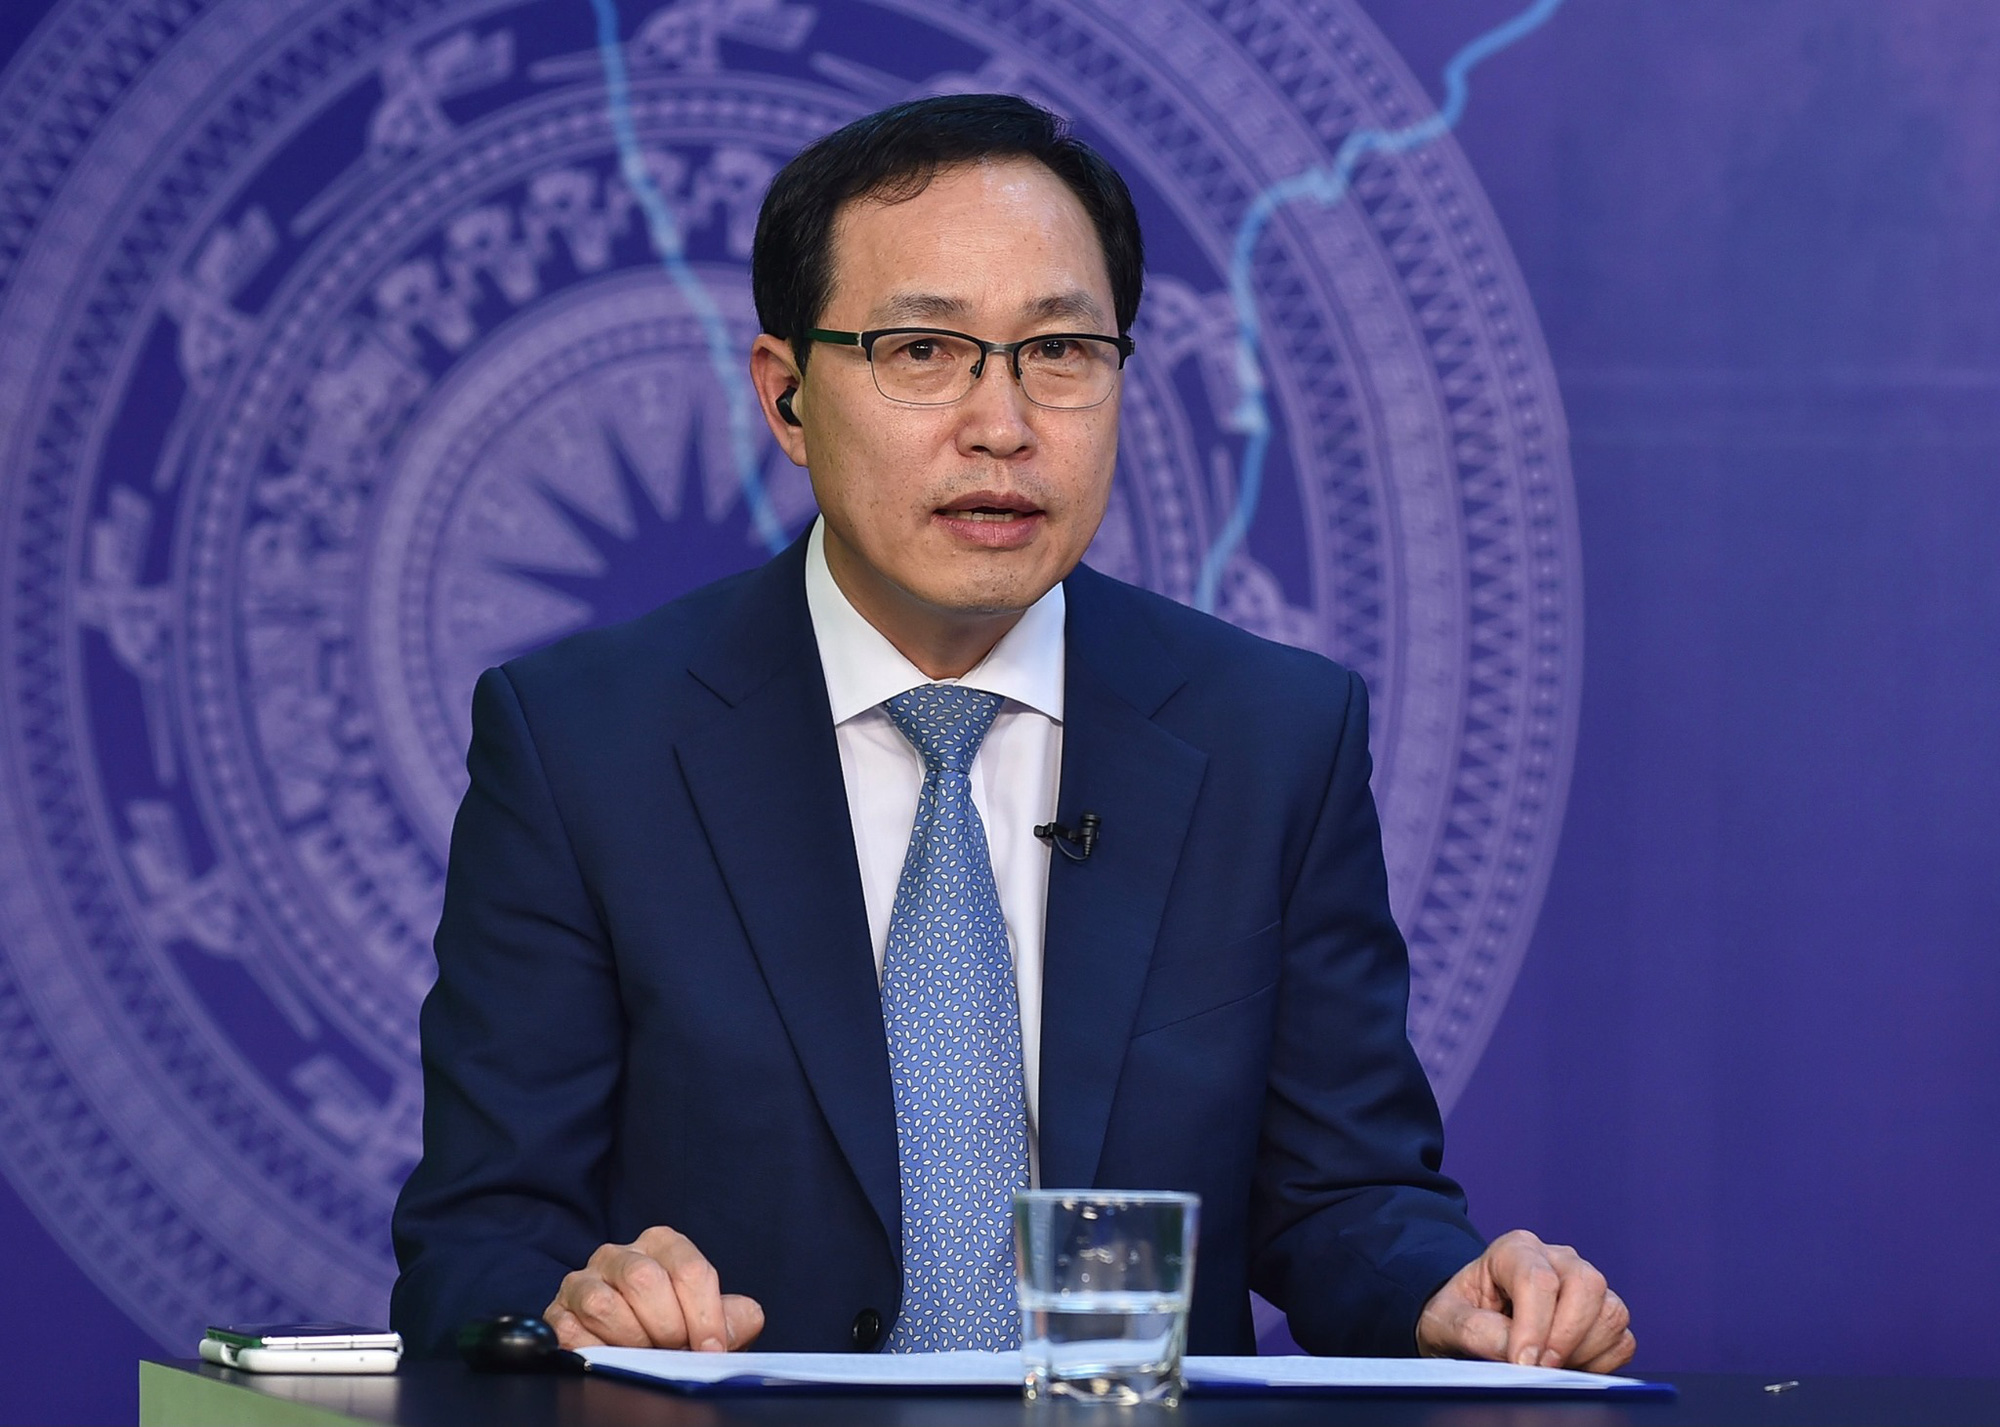 CEO Samsung Việt Nam tiết lộ về dự án đầu tư 220 triệu USD tại Hà Nội, sắp khánh thành năm 2022 - Ảnh 1.